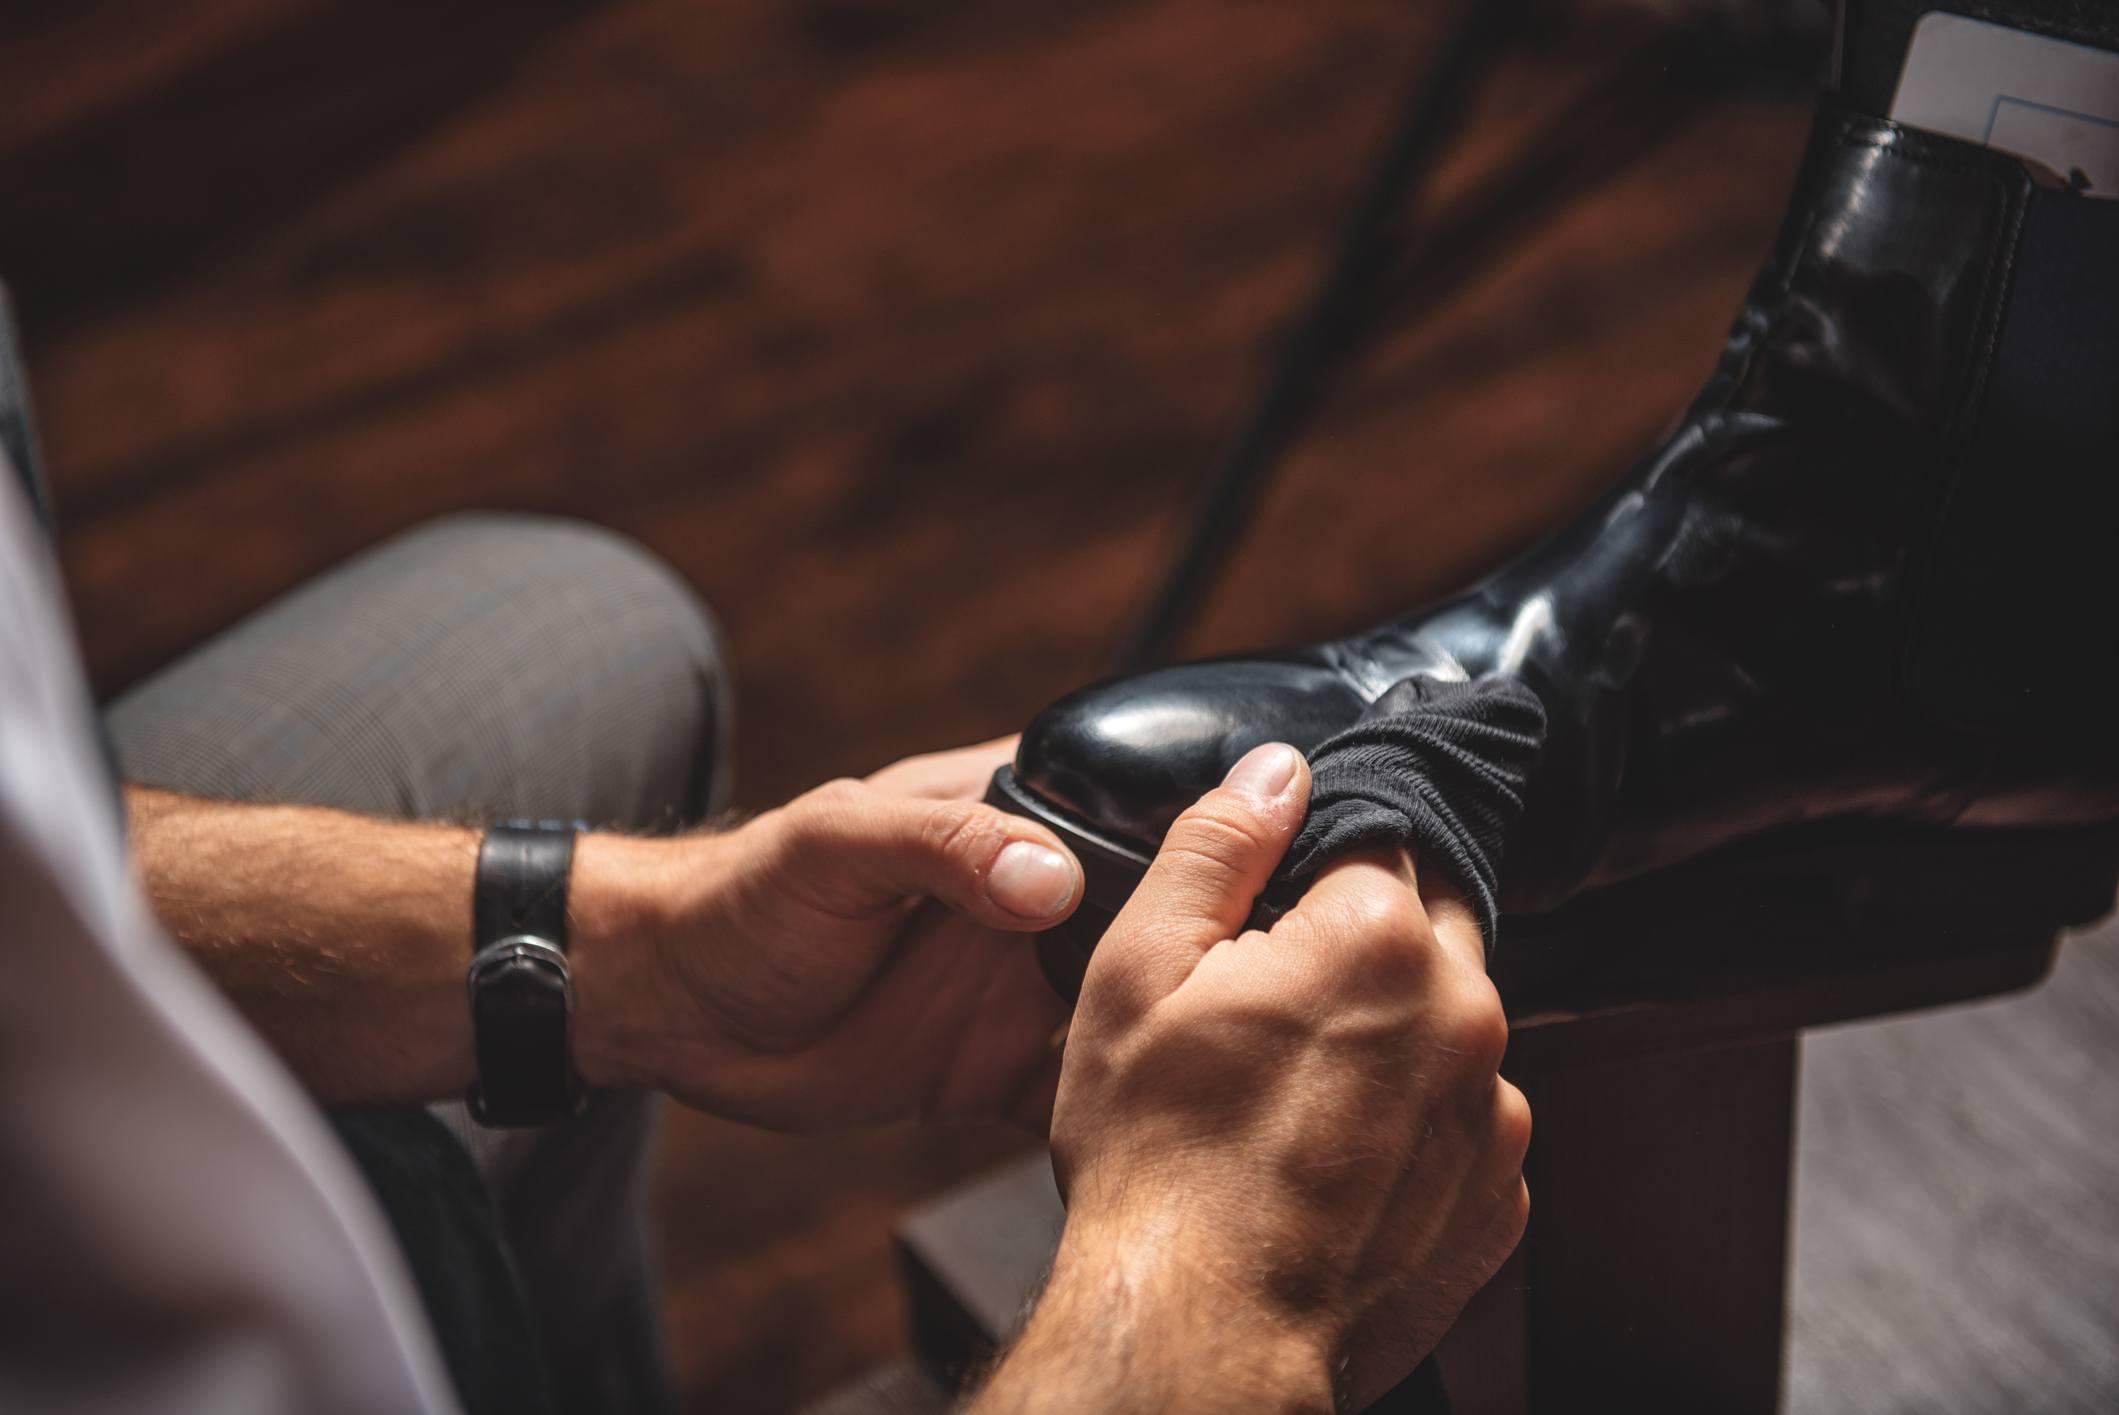 Man getting shoe shine